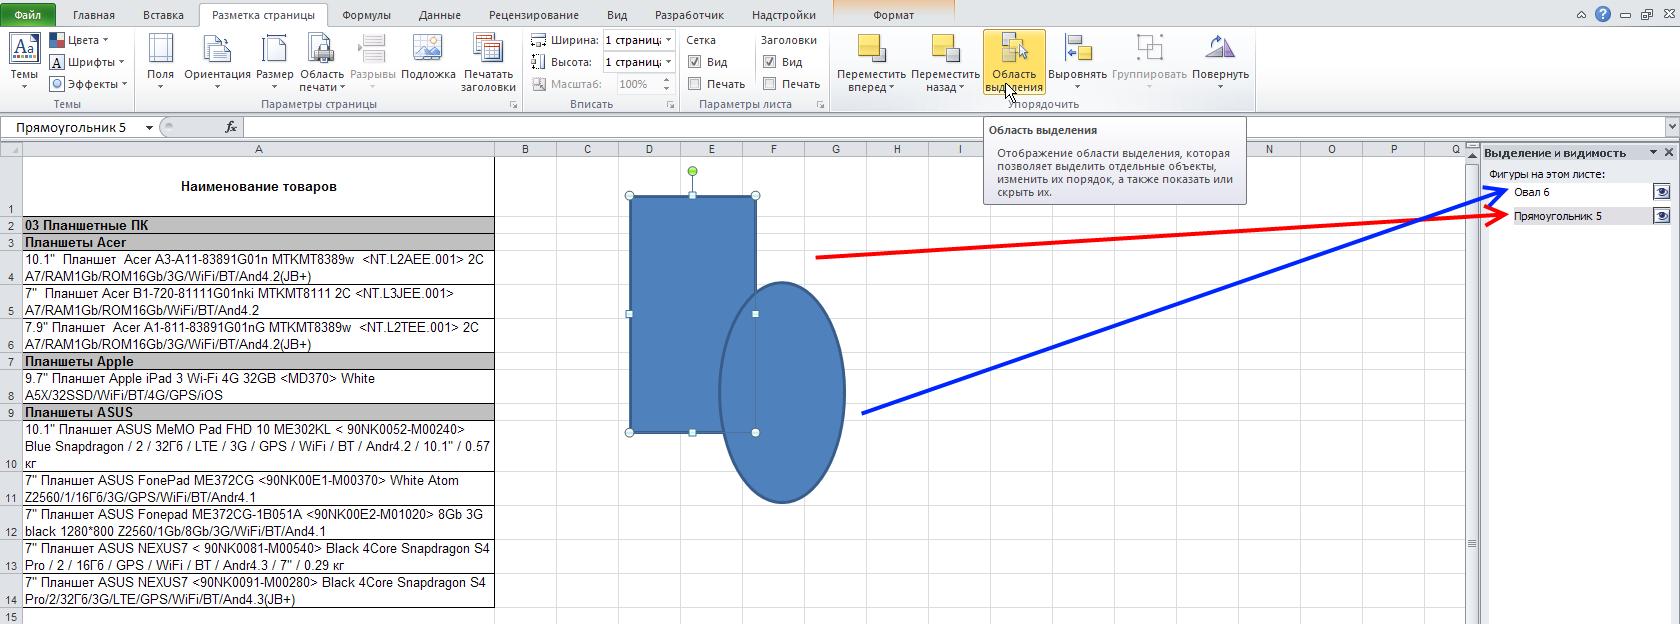 Excel: Лента - Разметка страницы - Упорядочить - Область выделения